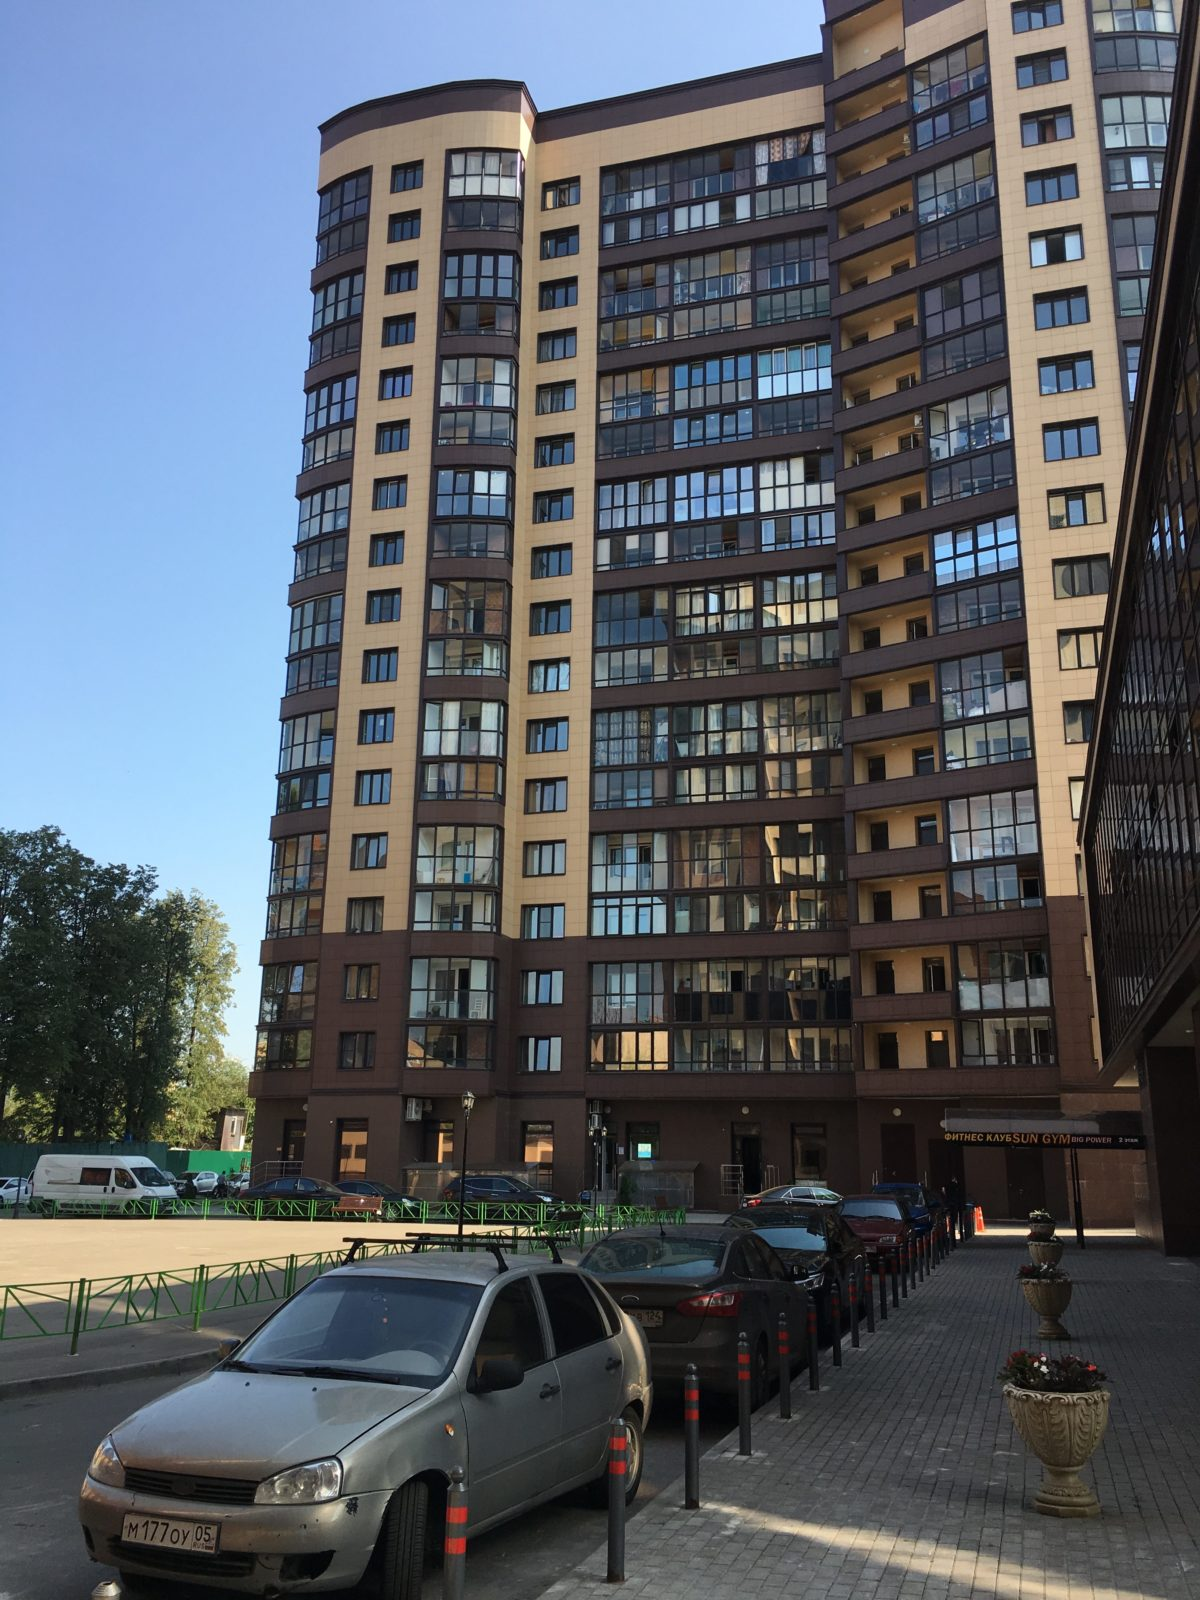 3-х комнатная квартира (№ 235) на 15-м этаже в ЖК Санрайс